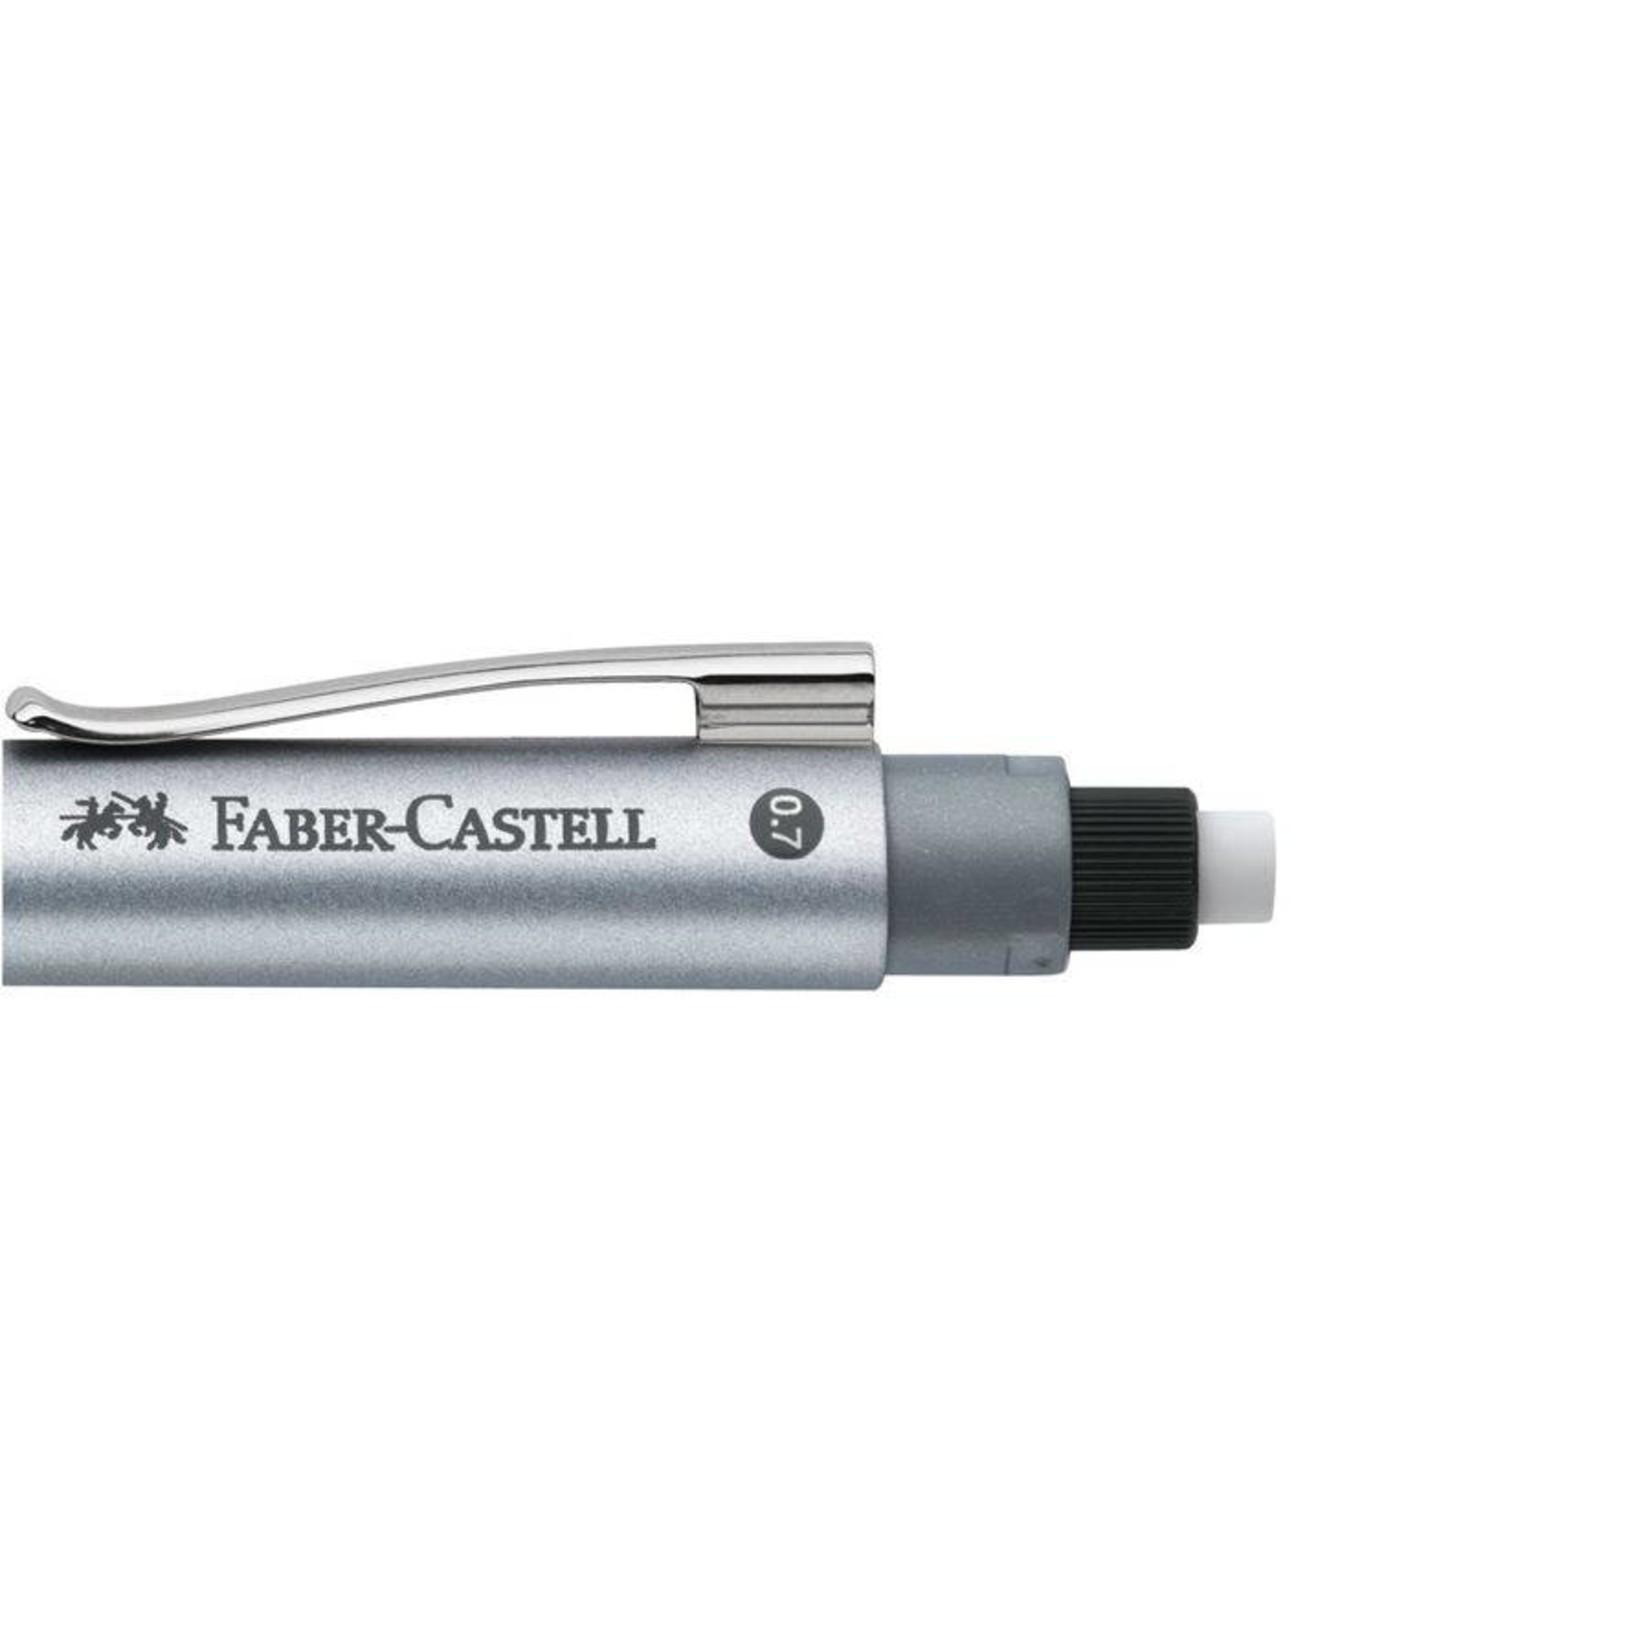 Faber-Castell FC GRIP 2011 Druckbleistif 0,7 silber